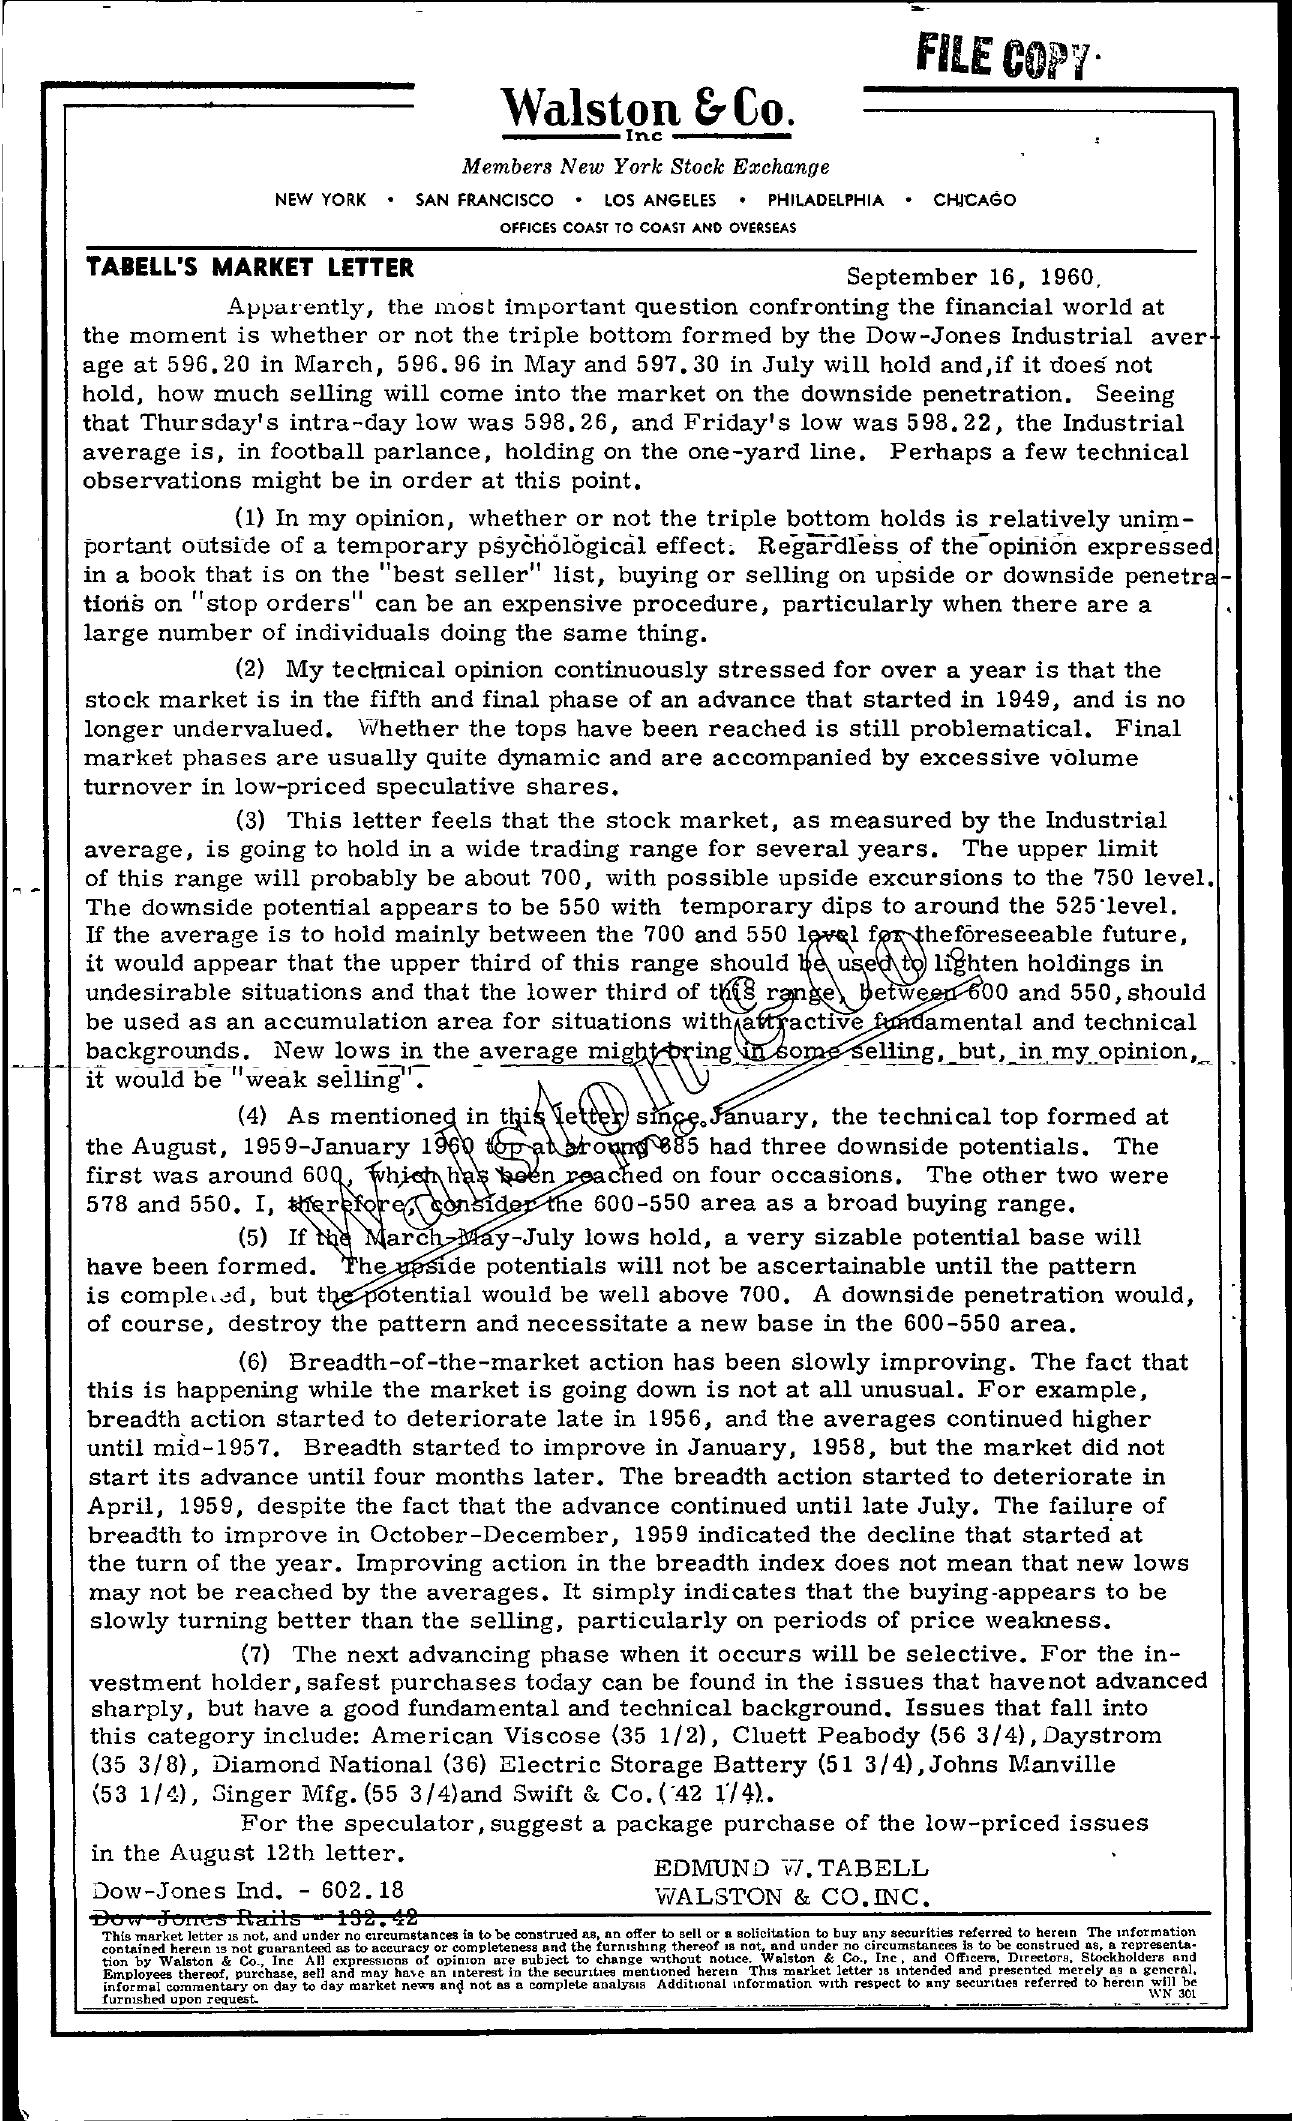 Tabell's Market Letter - September 16, 1960